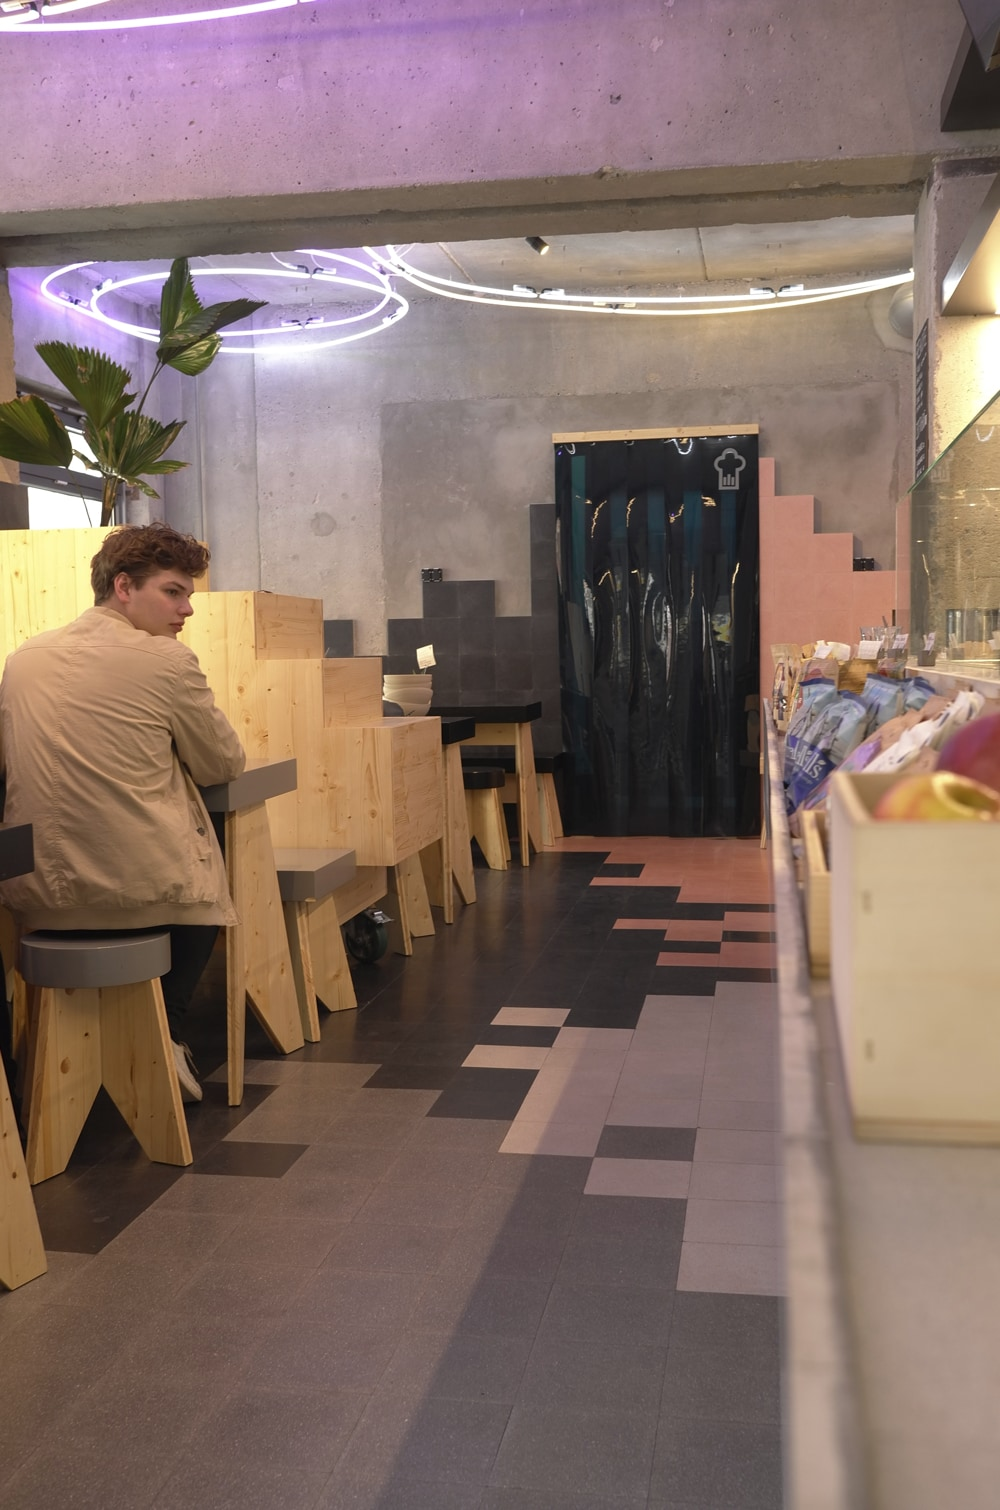 via_terrazzoplatten_700030_restaurantjpg | 700030